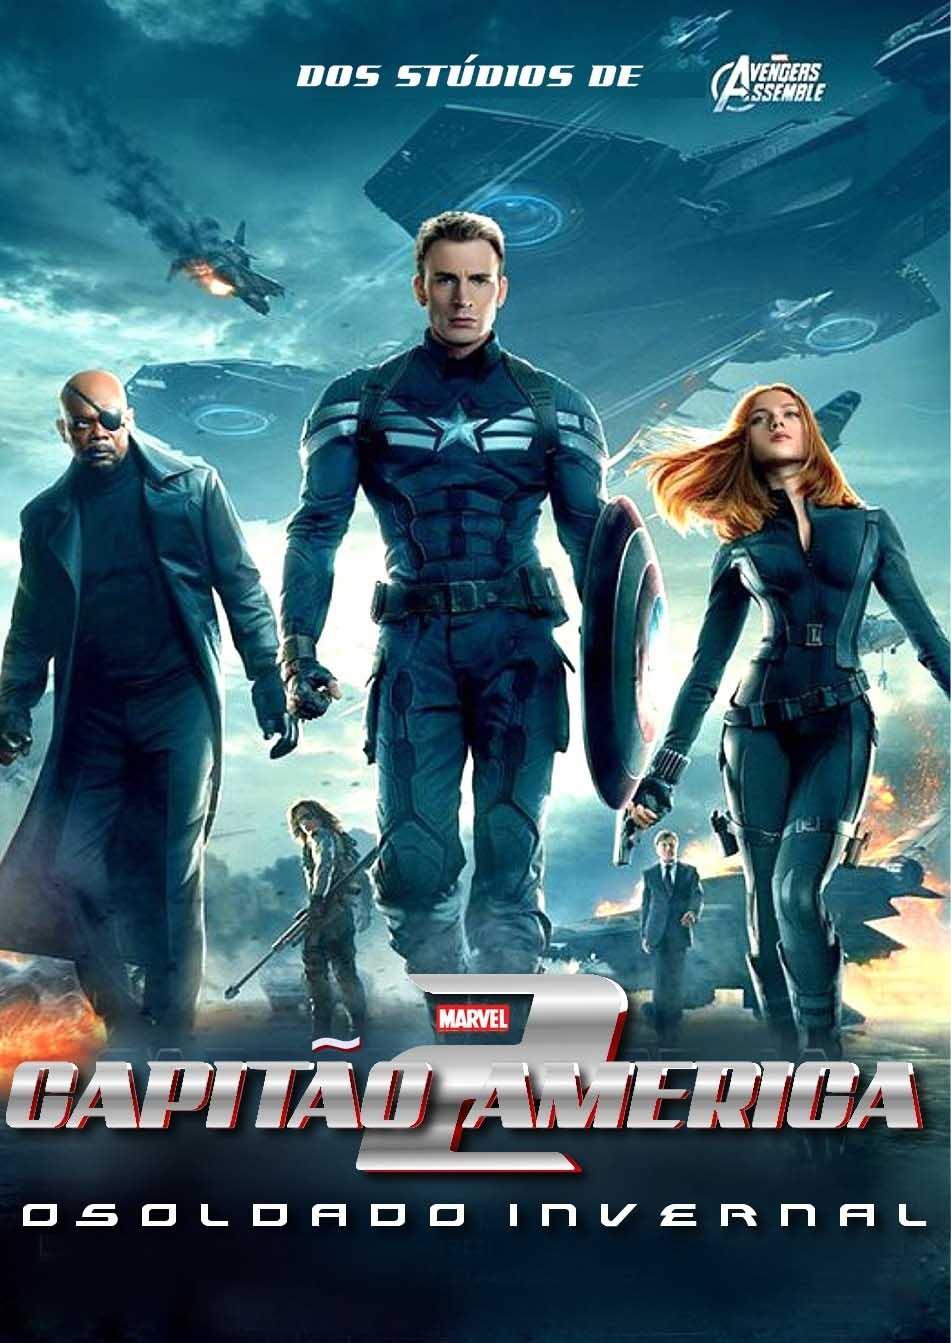 Capitão América 2: O Soldado Invernal Torrent - BluRay 1080p Dual Áudio (2014)